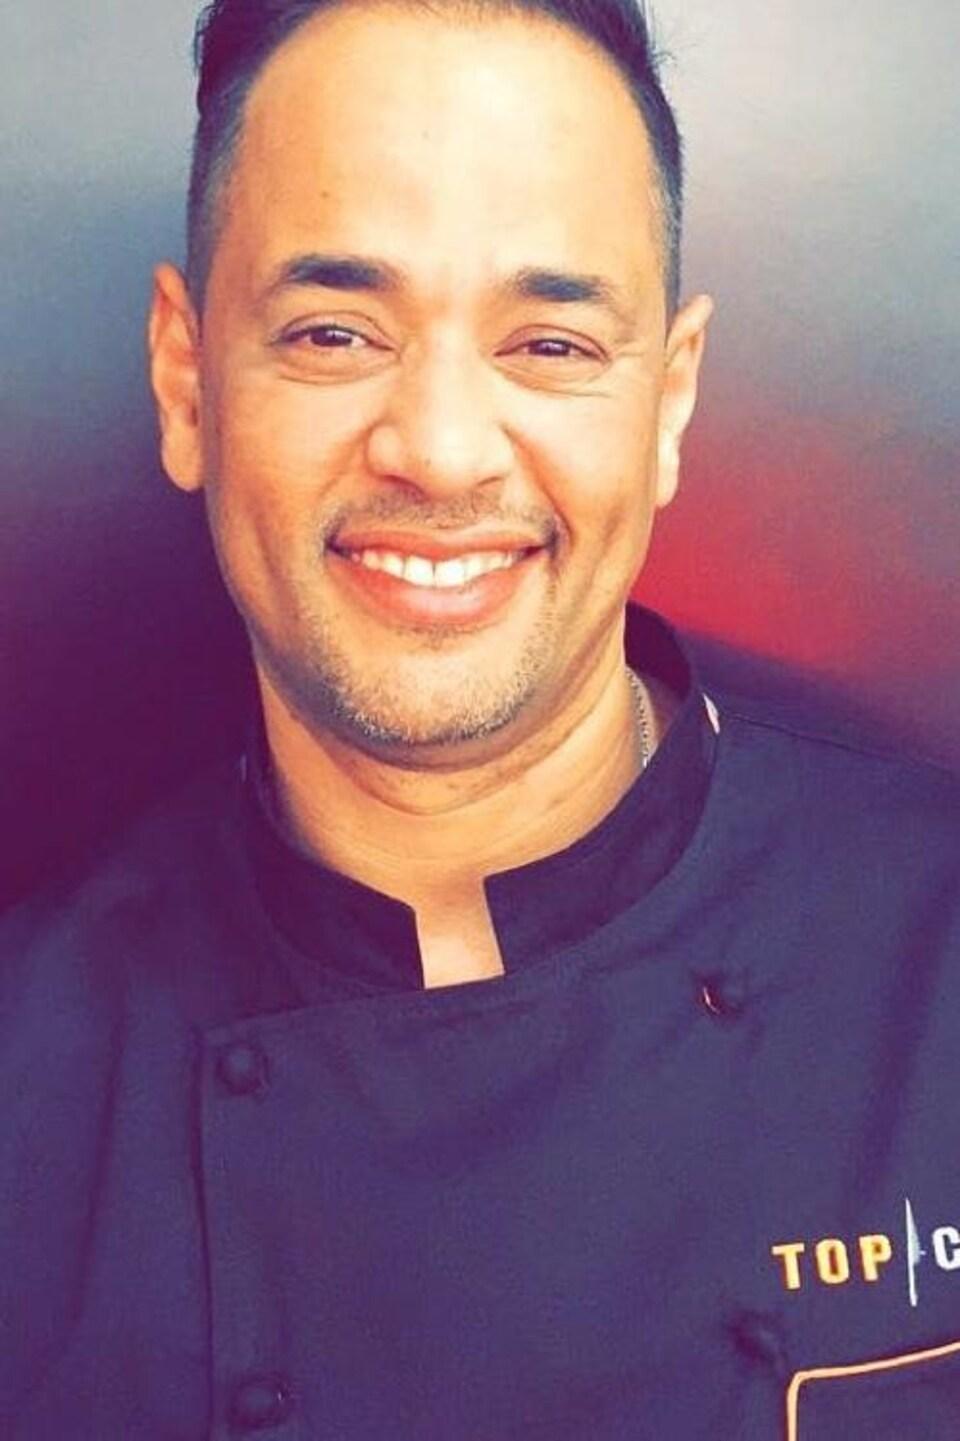 Gros plan de Khalid Kahya, vêtu de son uniforme de chef avec le logo Top Chef.